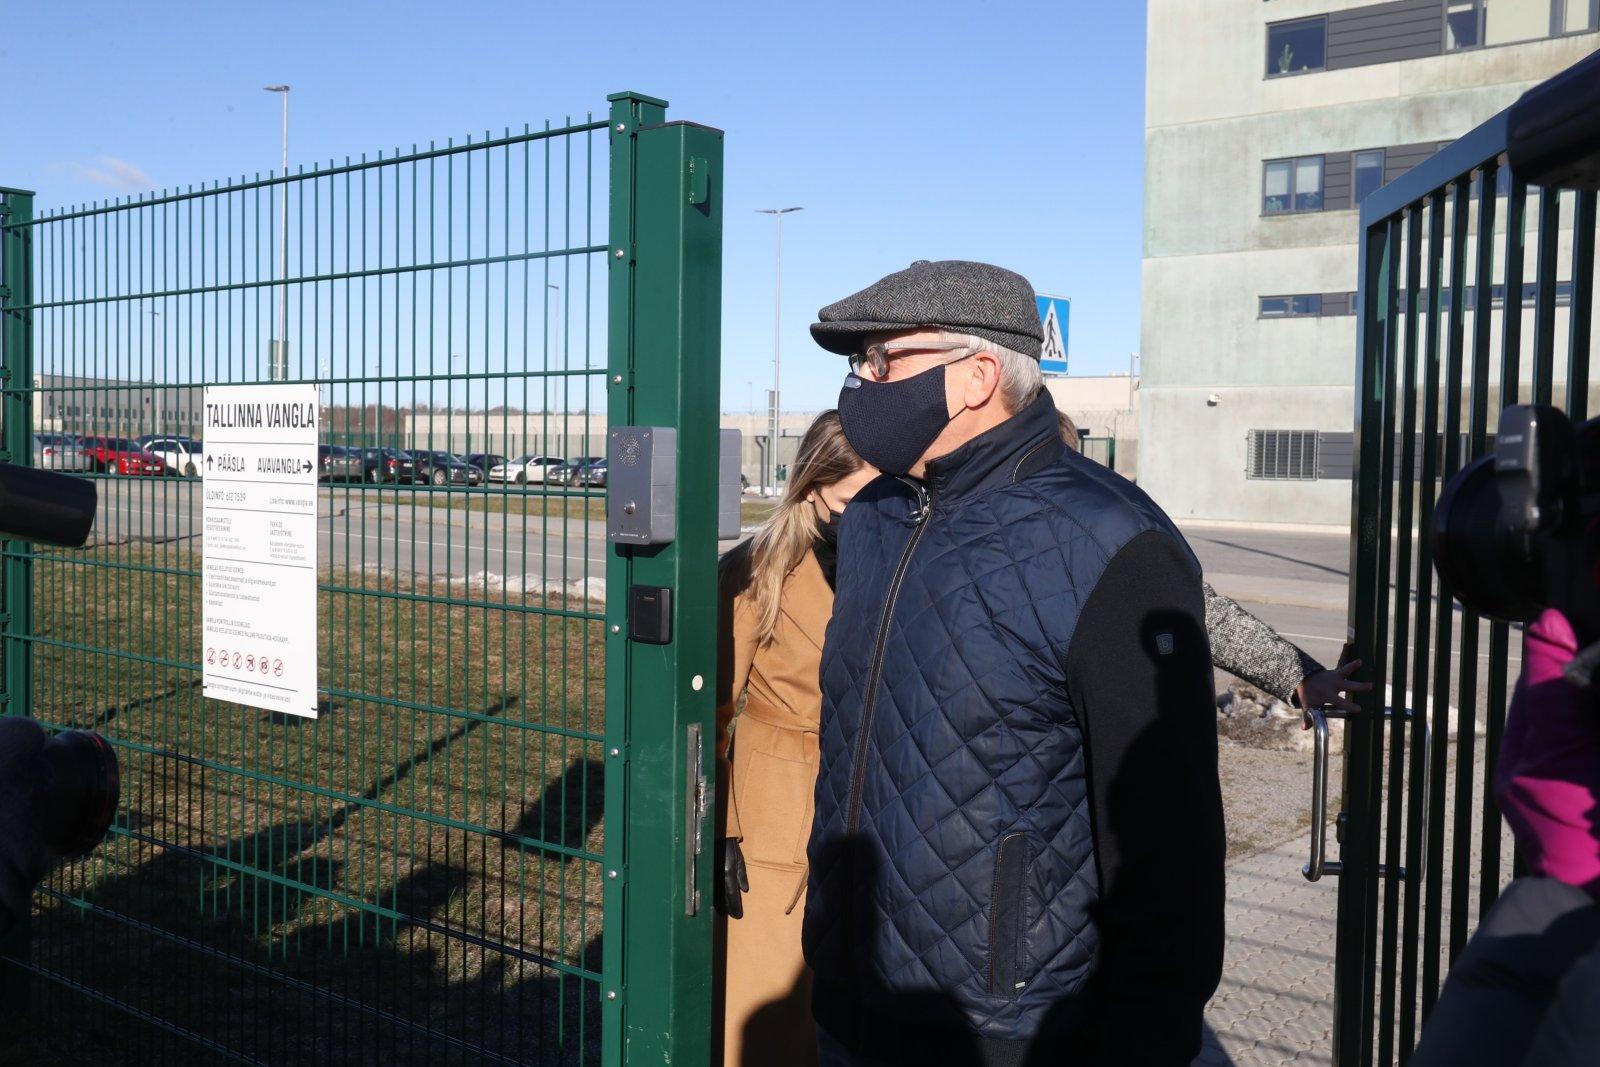 FOTOD | Korruptsioonis kahtlustatav ettevõtja Hillar Teder pääses vabadusse: